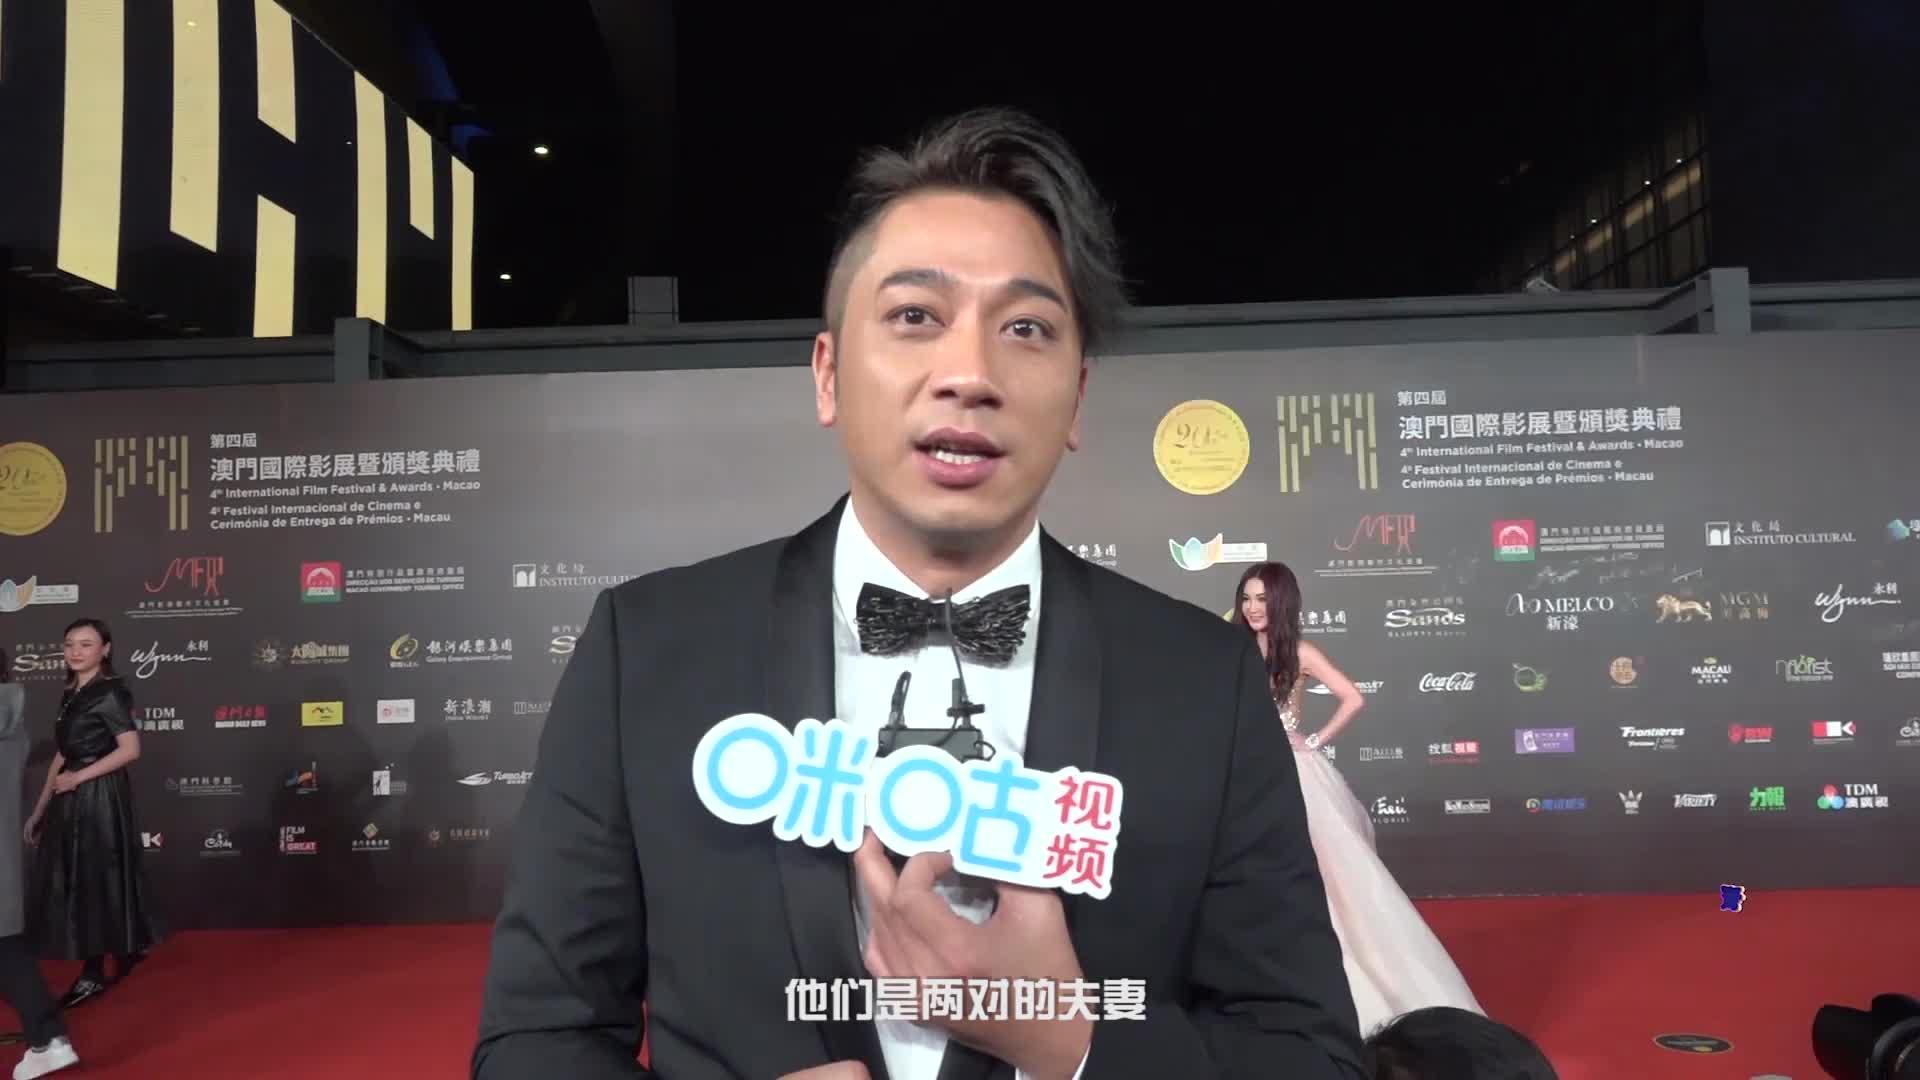 吳卓羲:我希望挑戰一些表達上有困難的角色